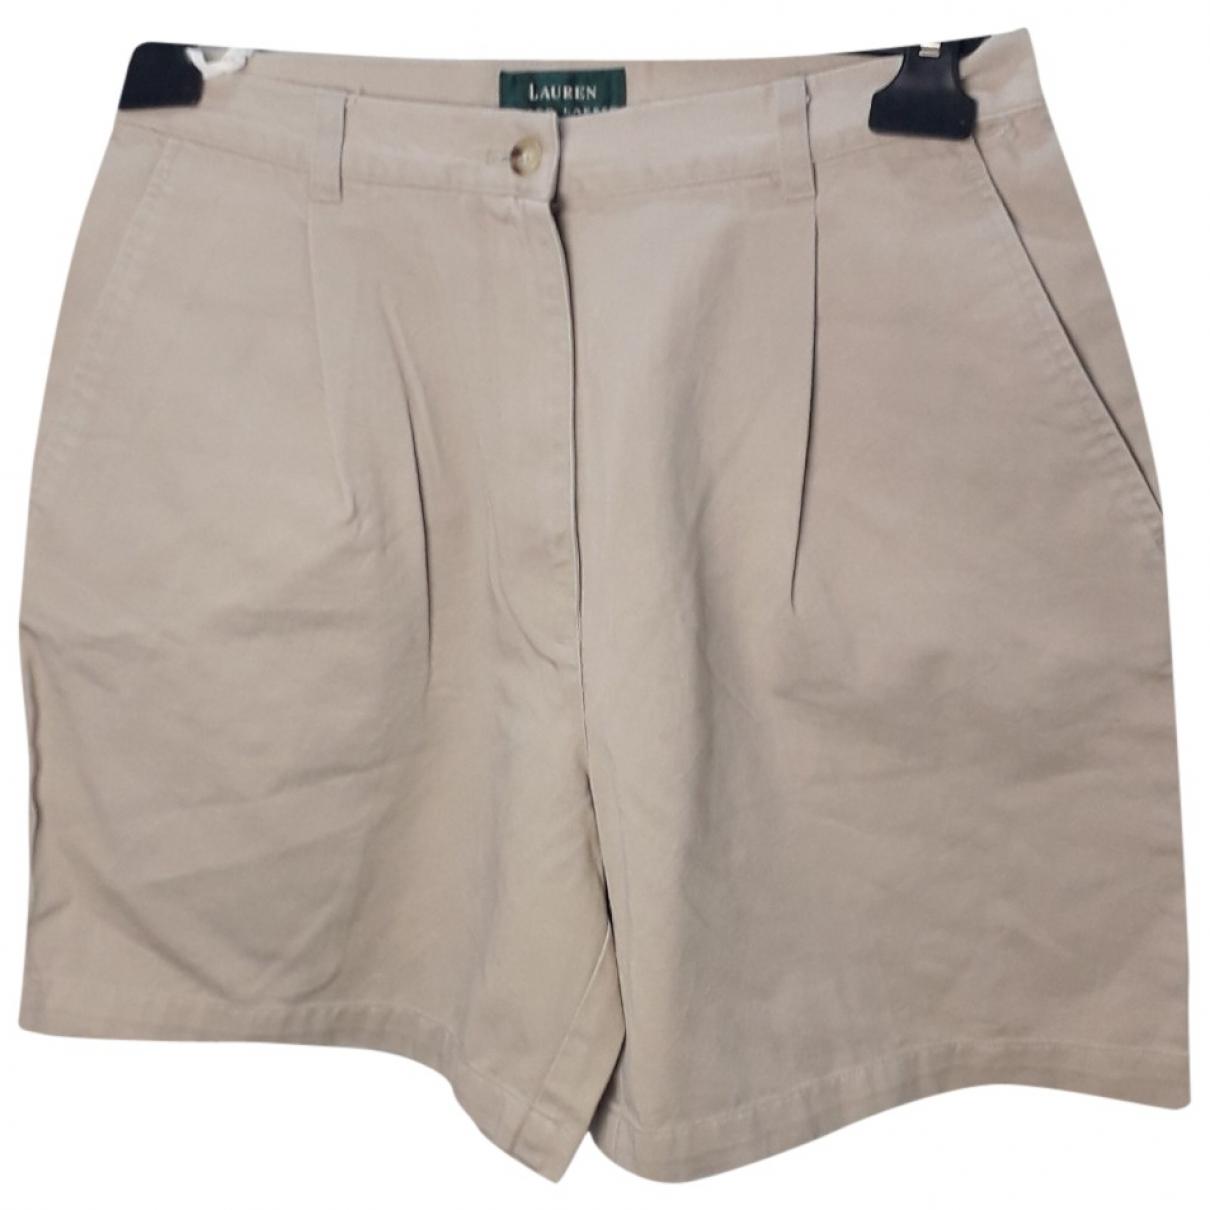 Lauren Ralph Lauren \N Beige Cotton Shorts for Women 8 US